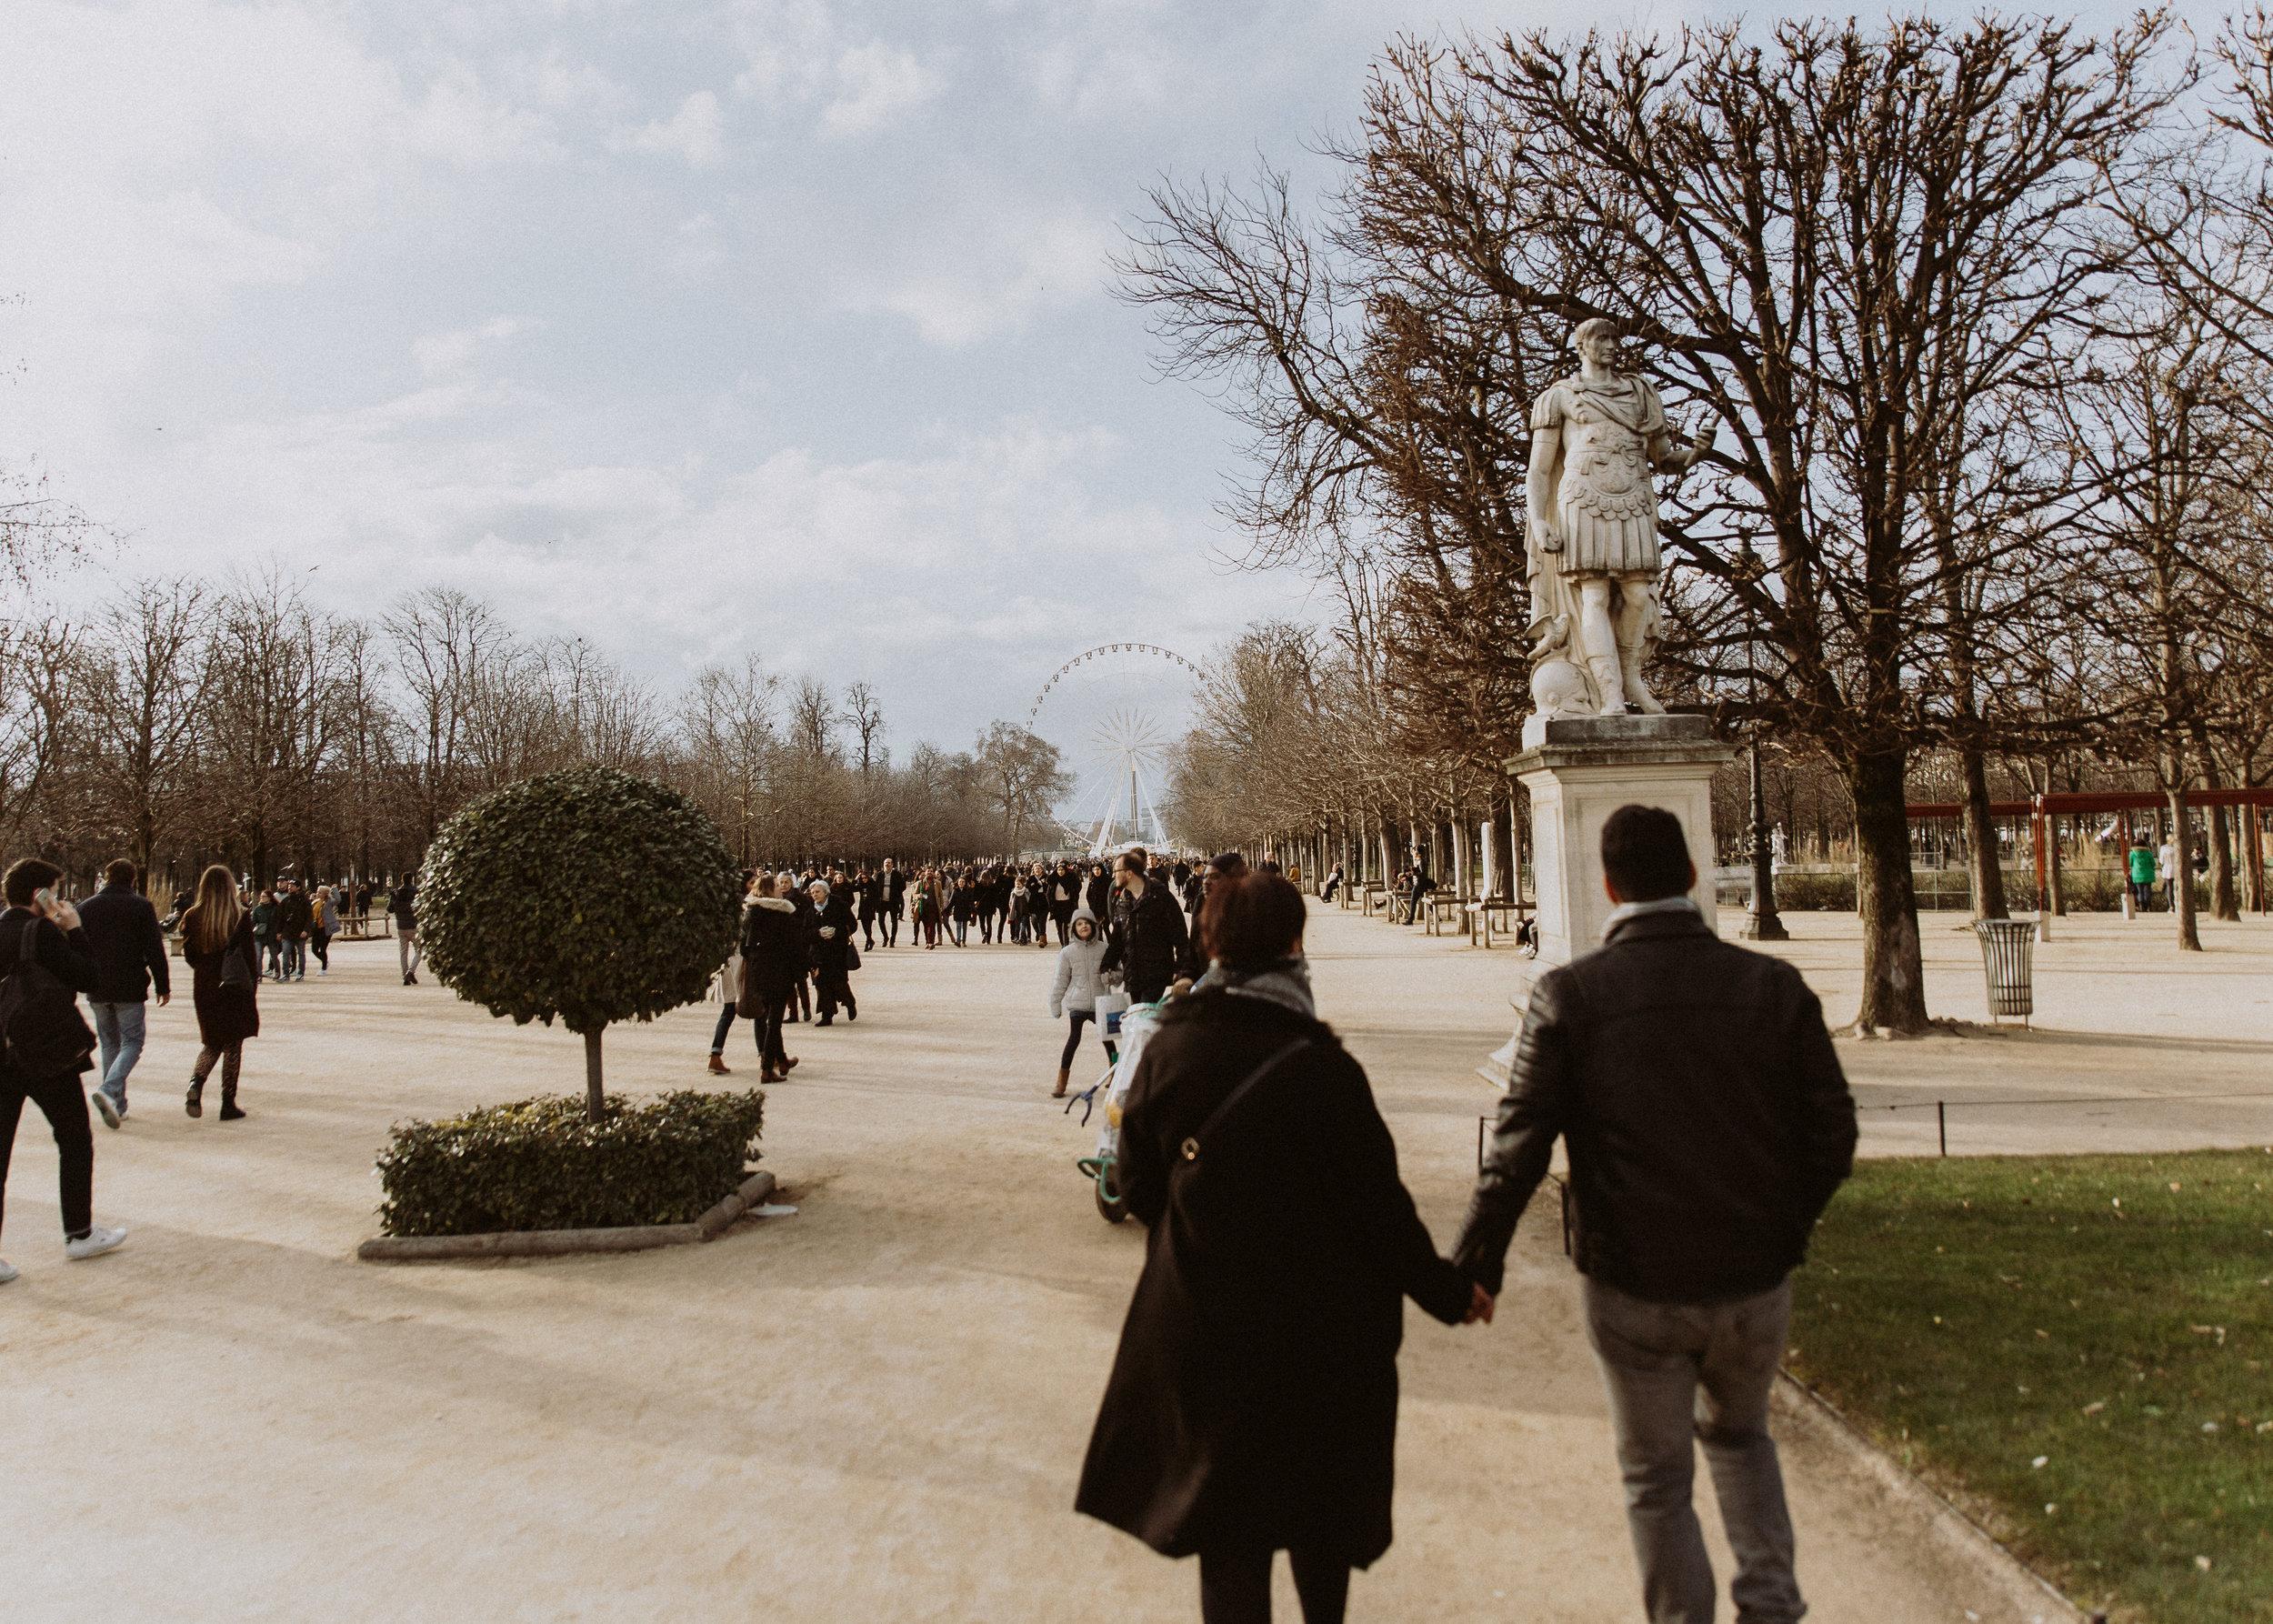 ParisCityShots (9 of 10).jpg